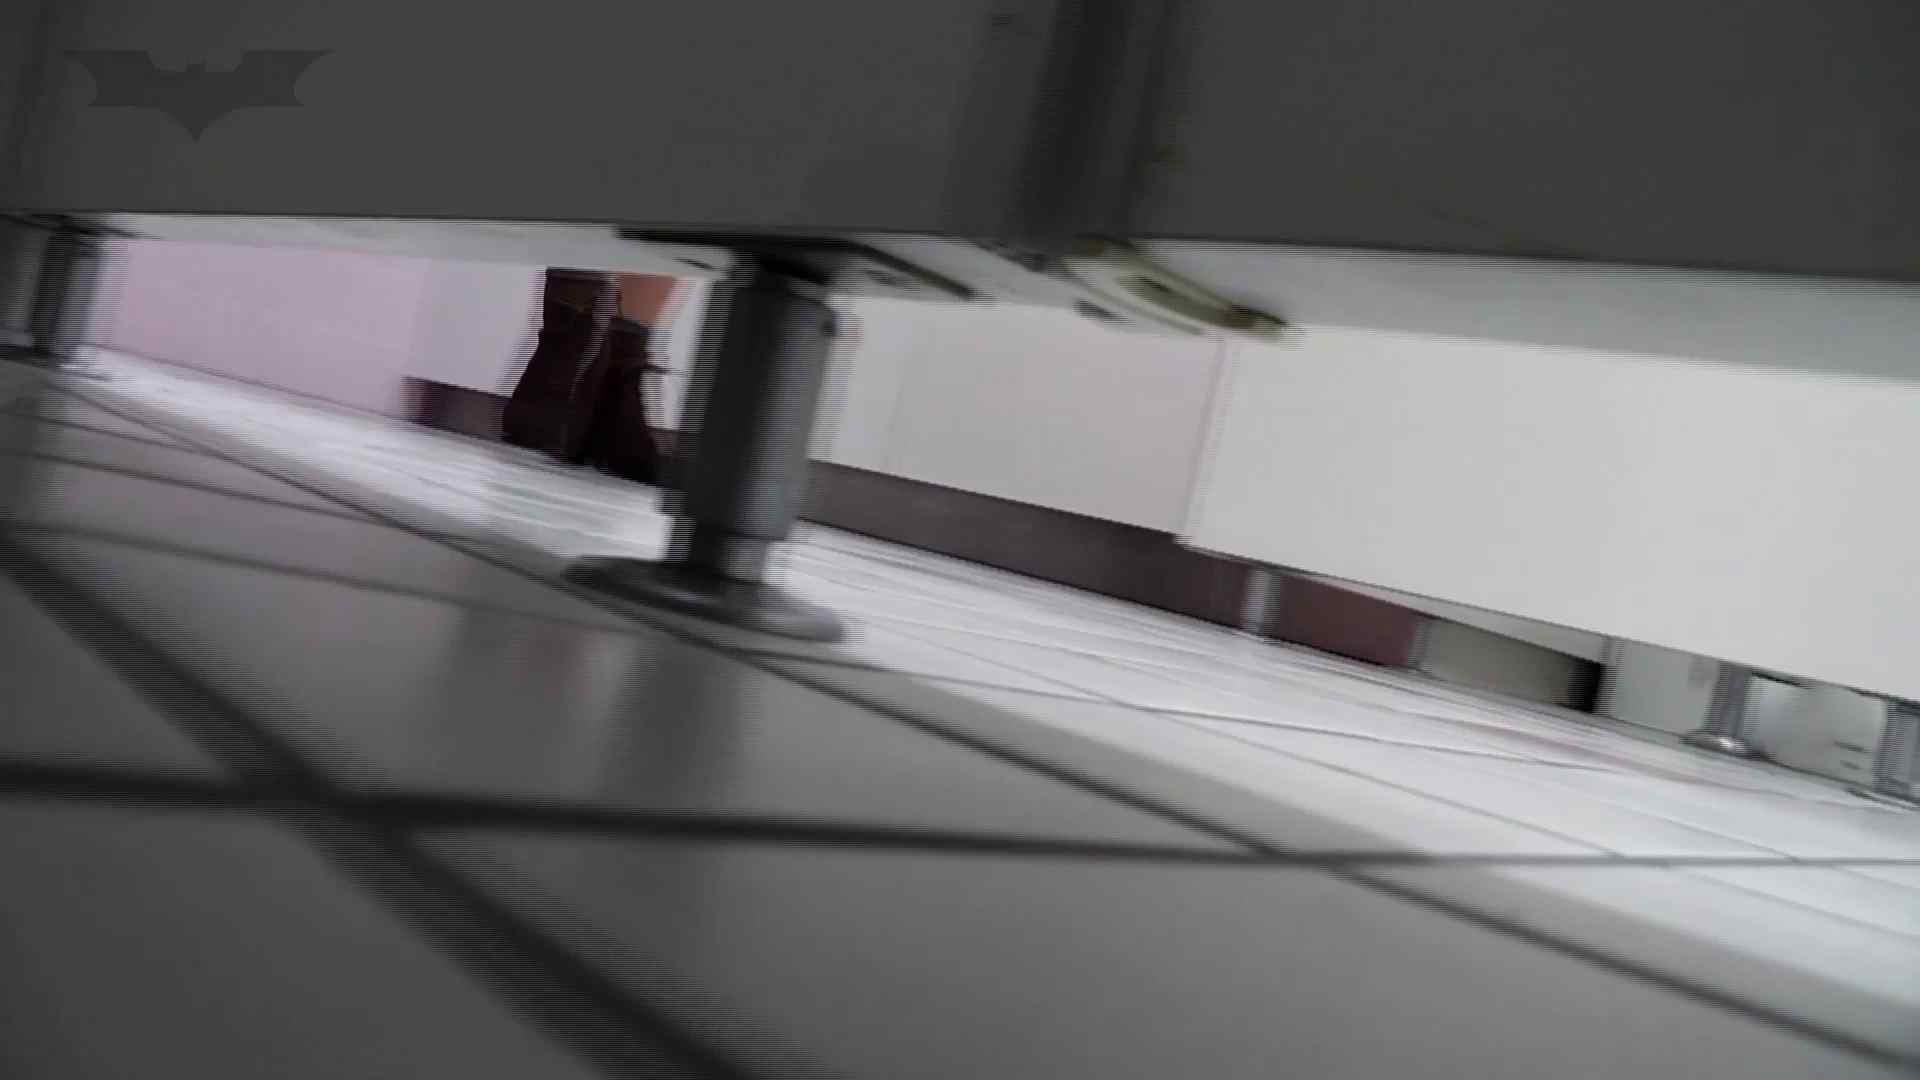 美しい日本の未来 No.31 新しいアングルに挑戦 おまんこ おめこ無修正画像 88枚 11